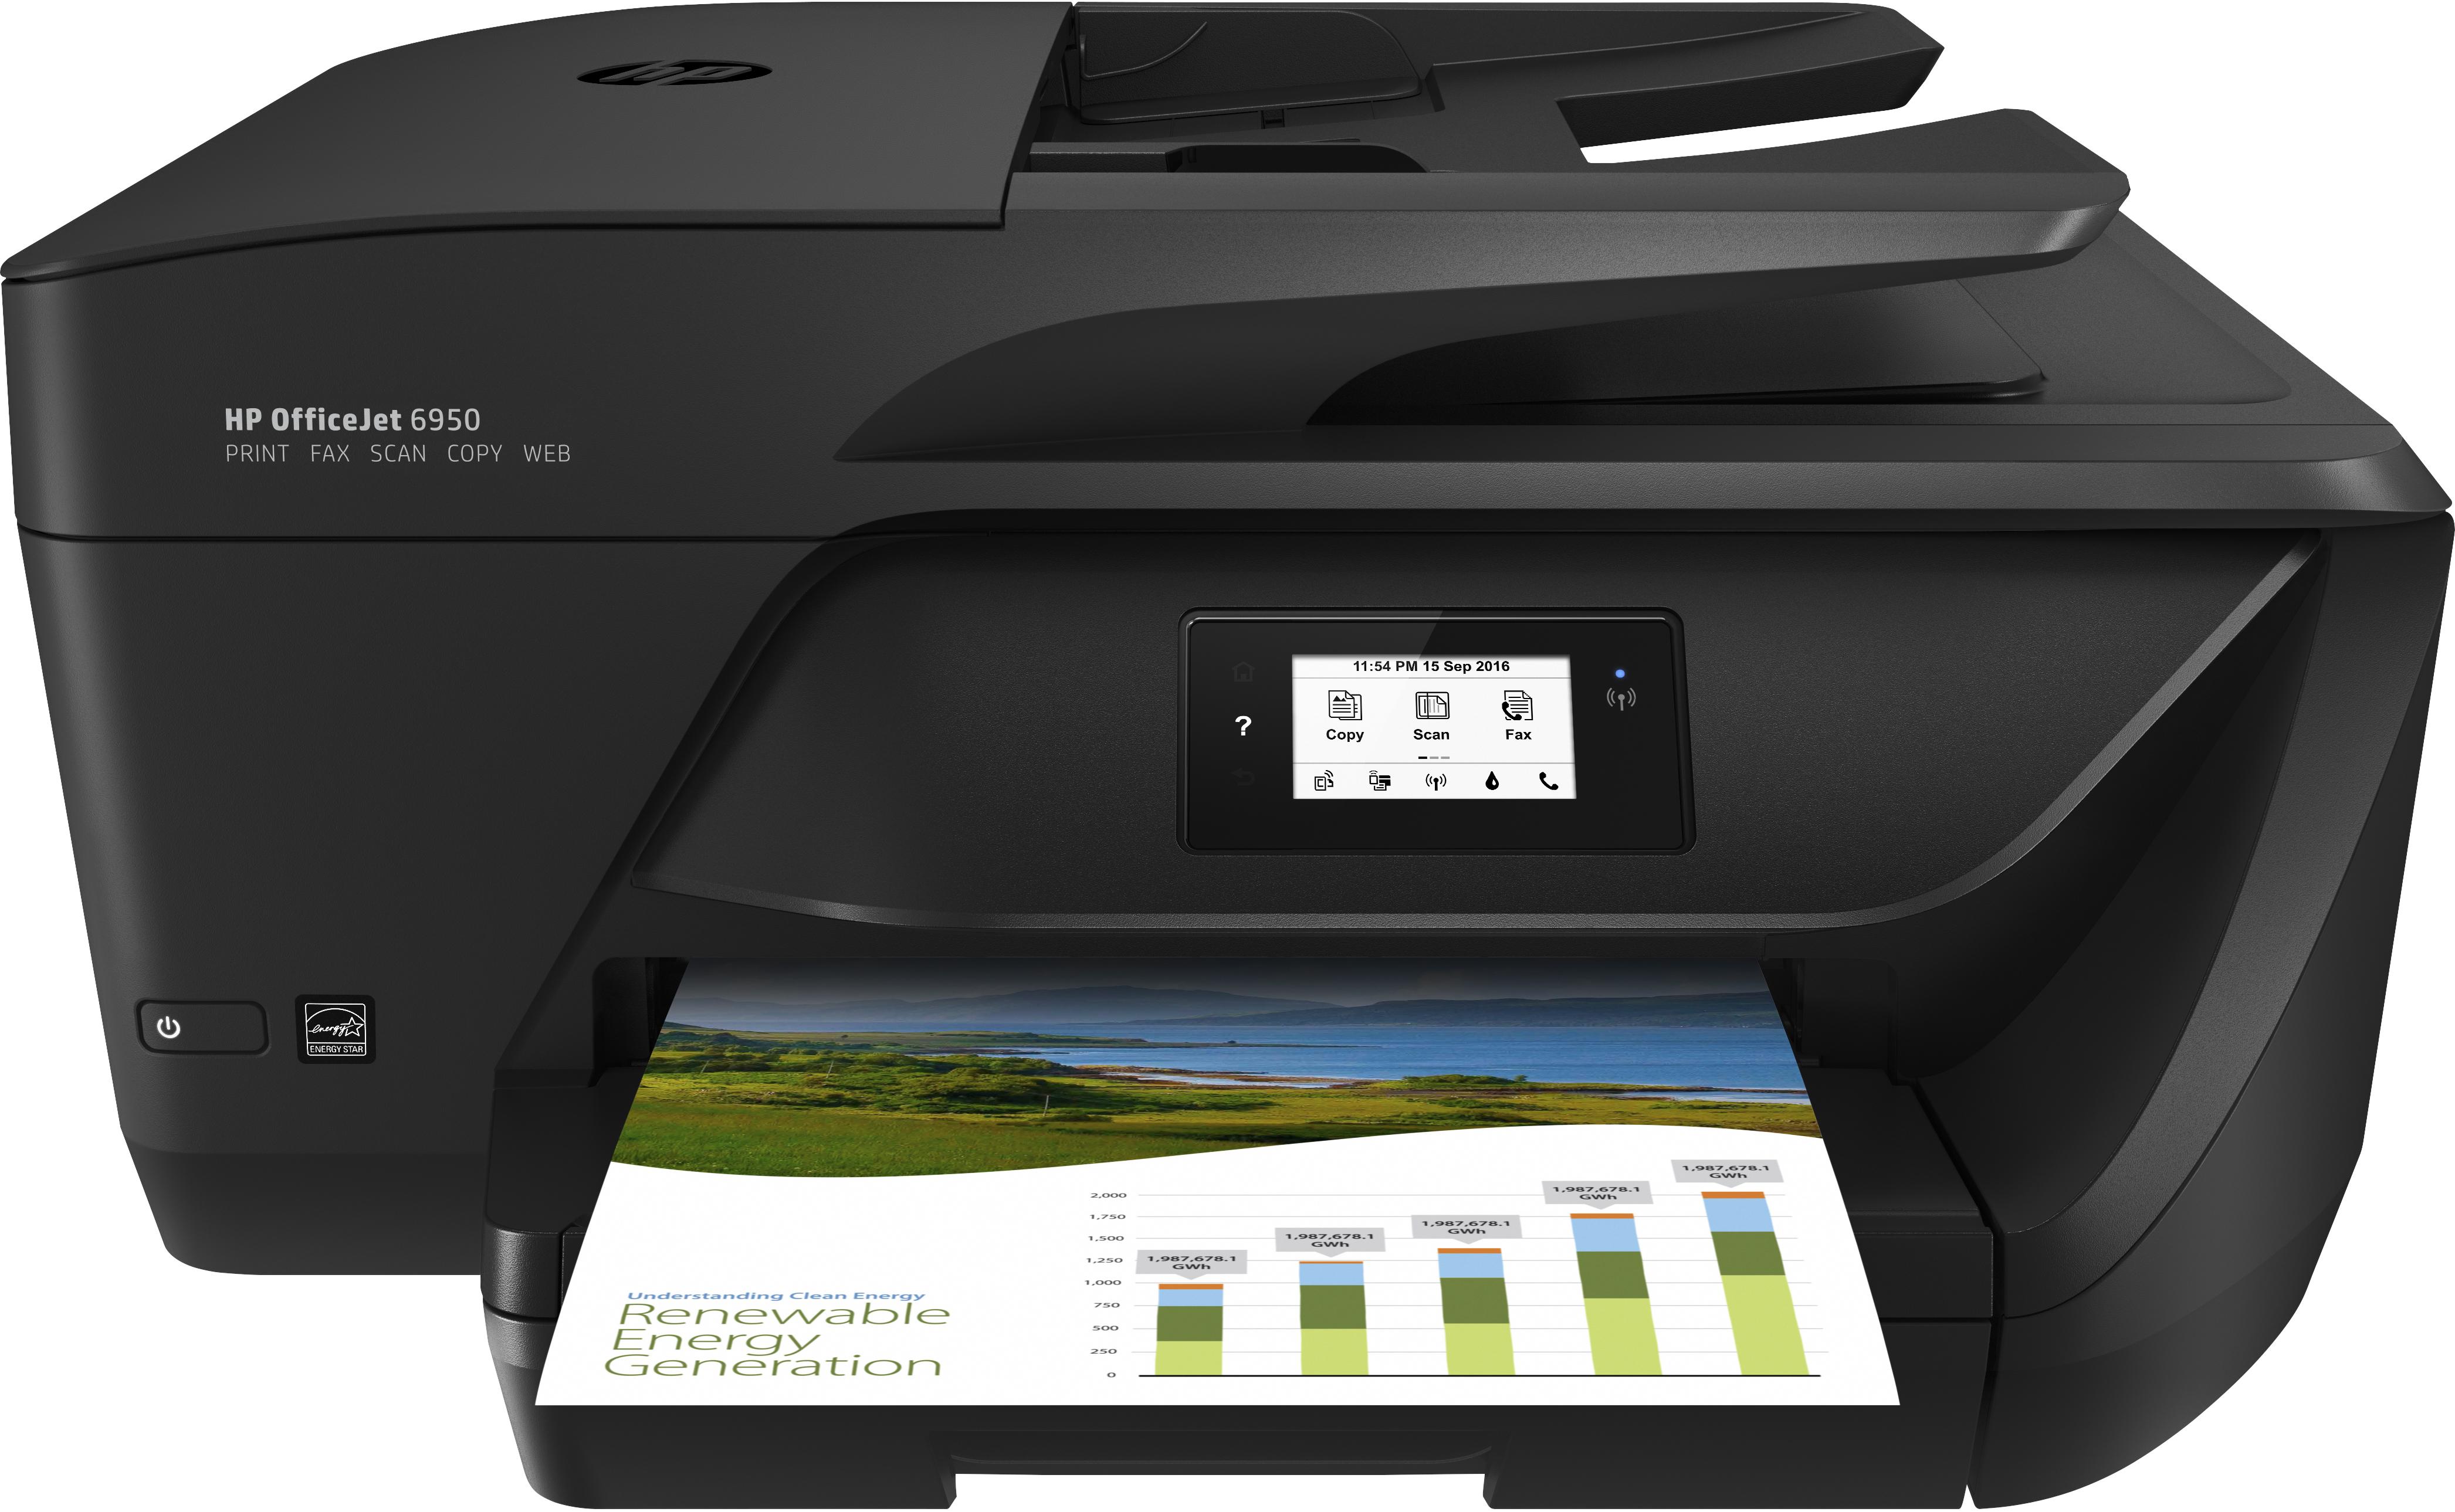 HP Officejet 6950 All-in-One - Multifunktionsdrucker - Farbe